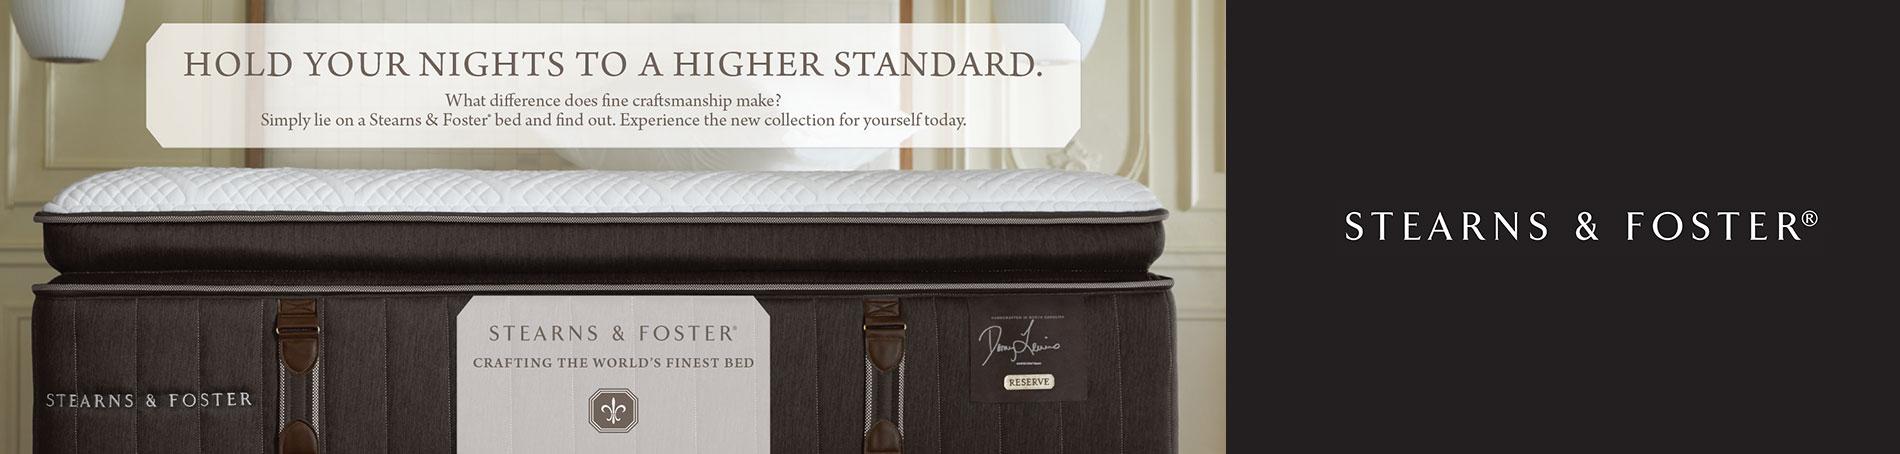 Stearns & Foster Higher Standards